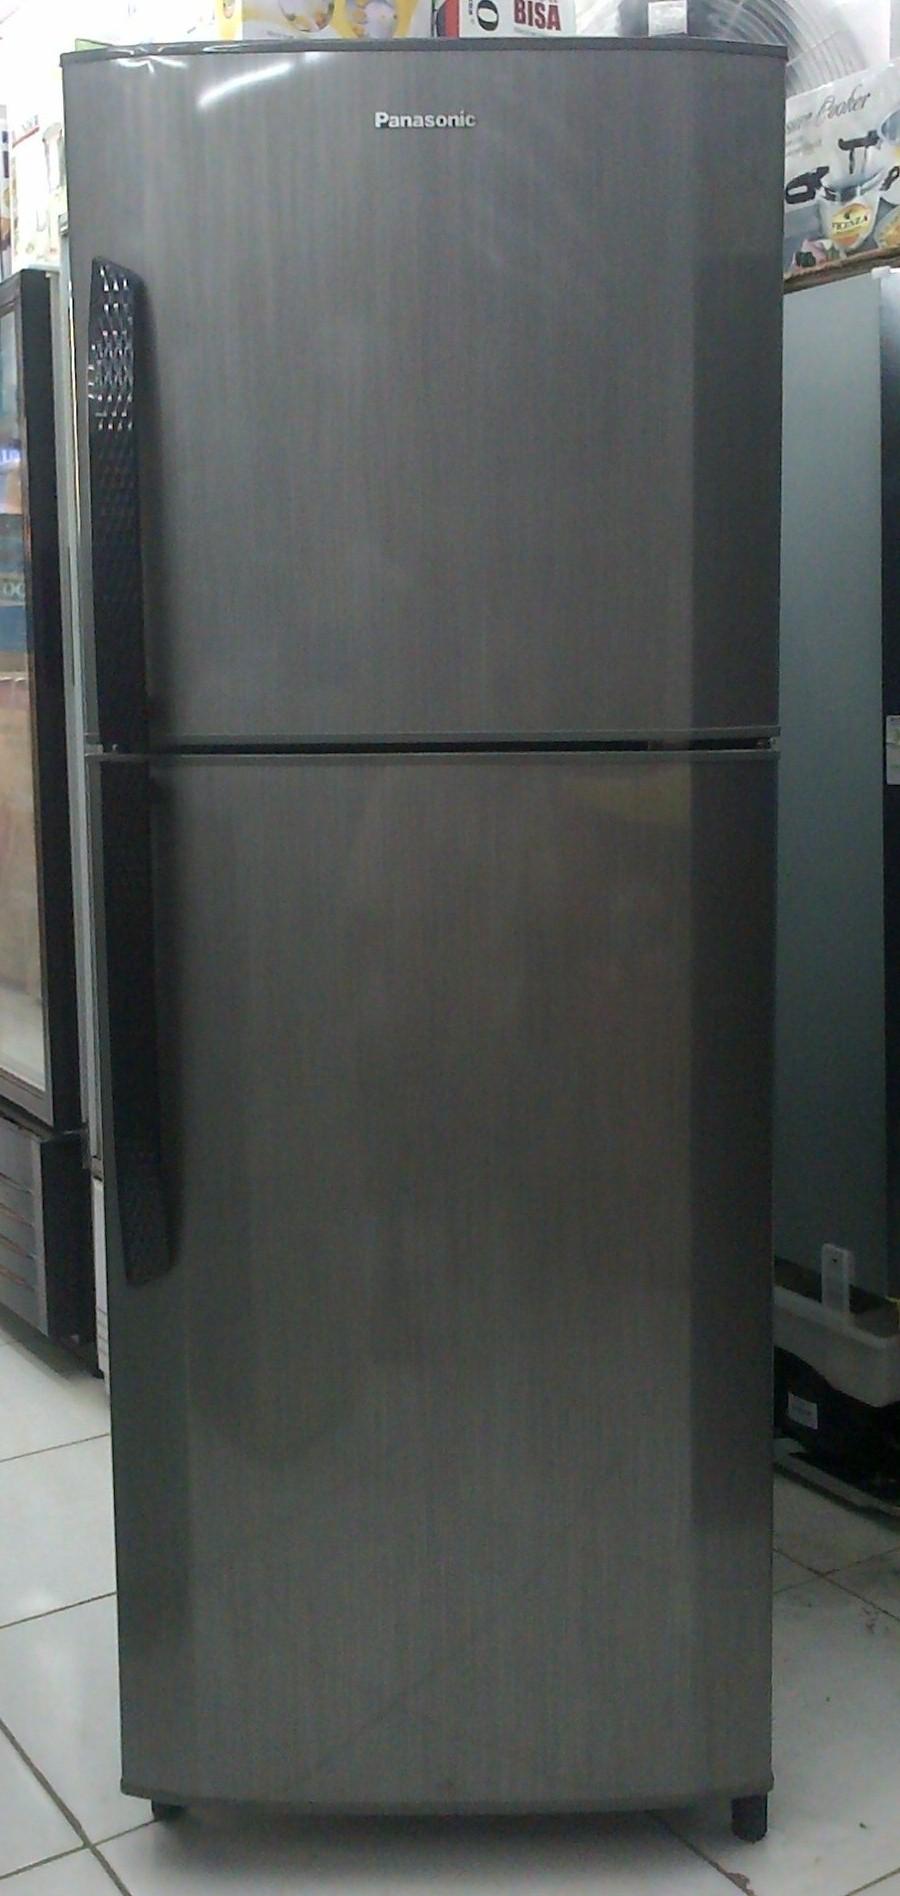 Harga Panasonic Kulkas 2 Pintu Seri Nr B228 Di Kab Bogor